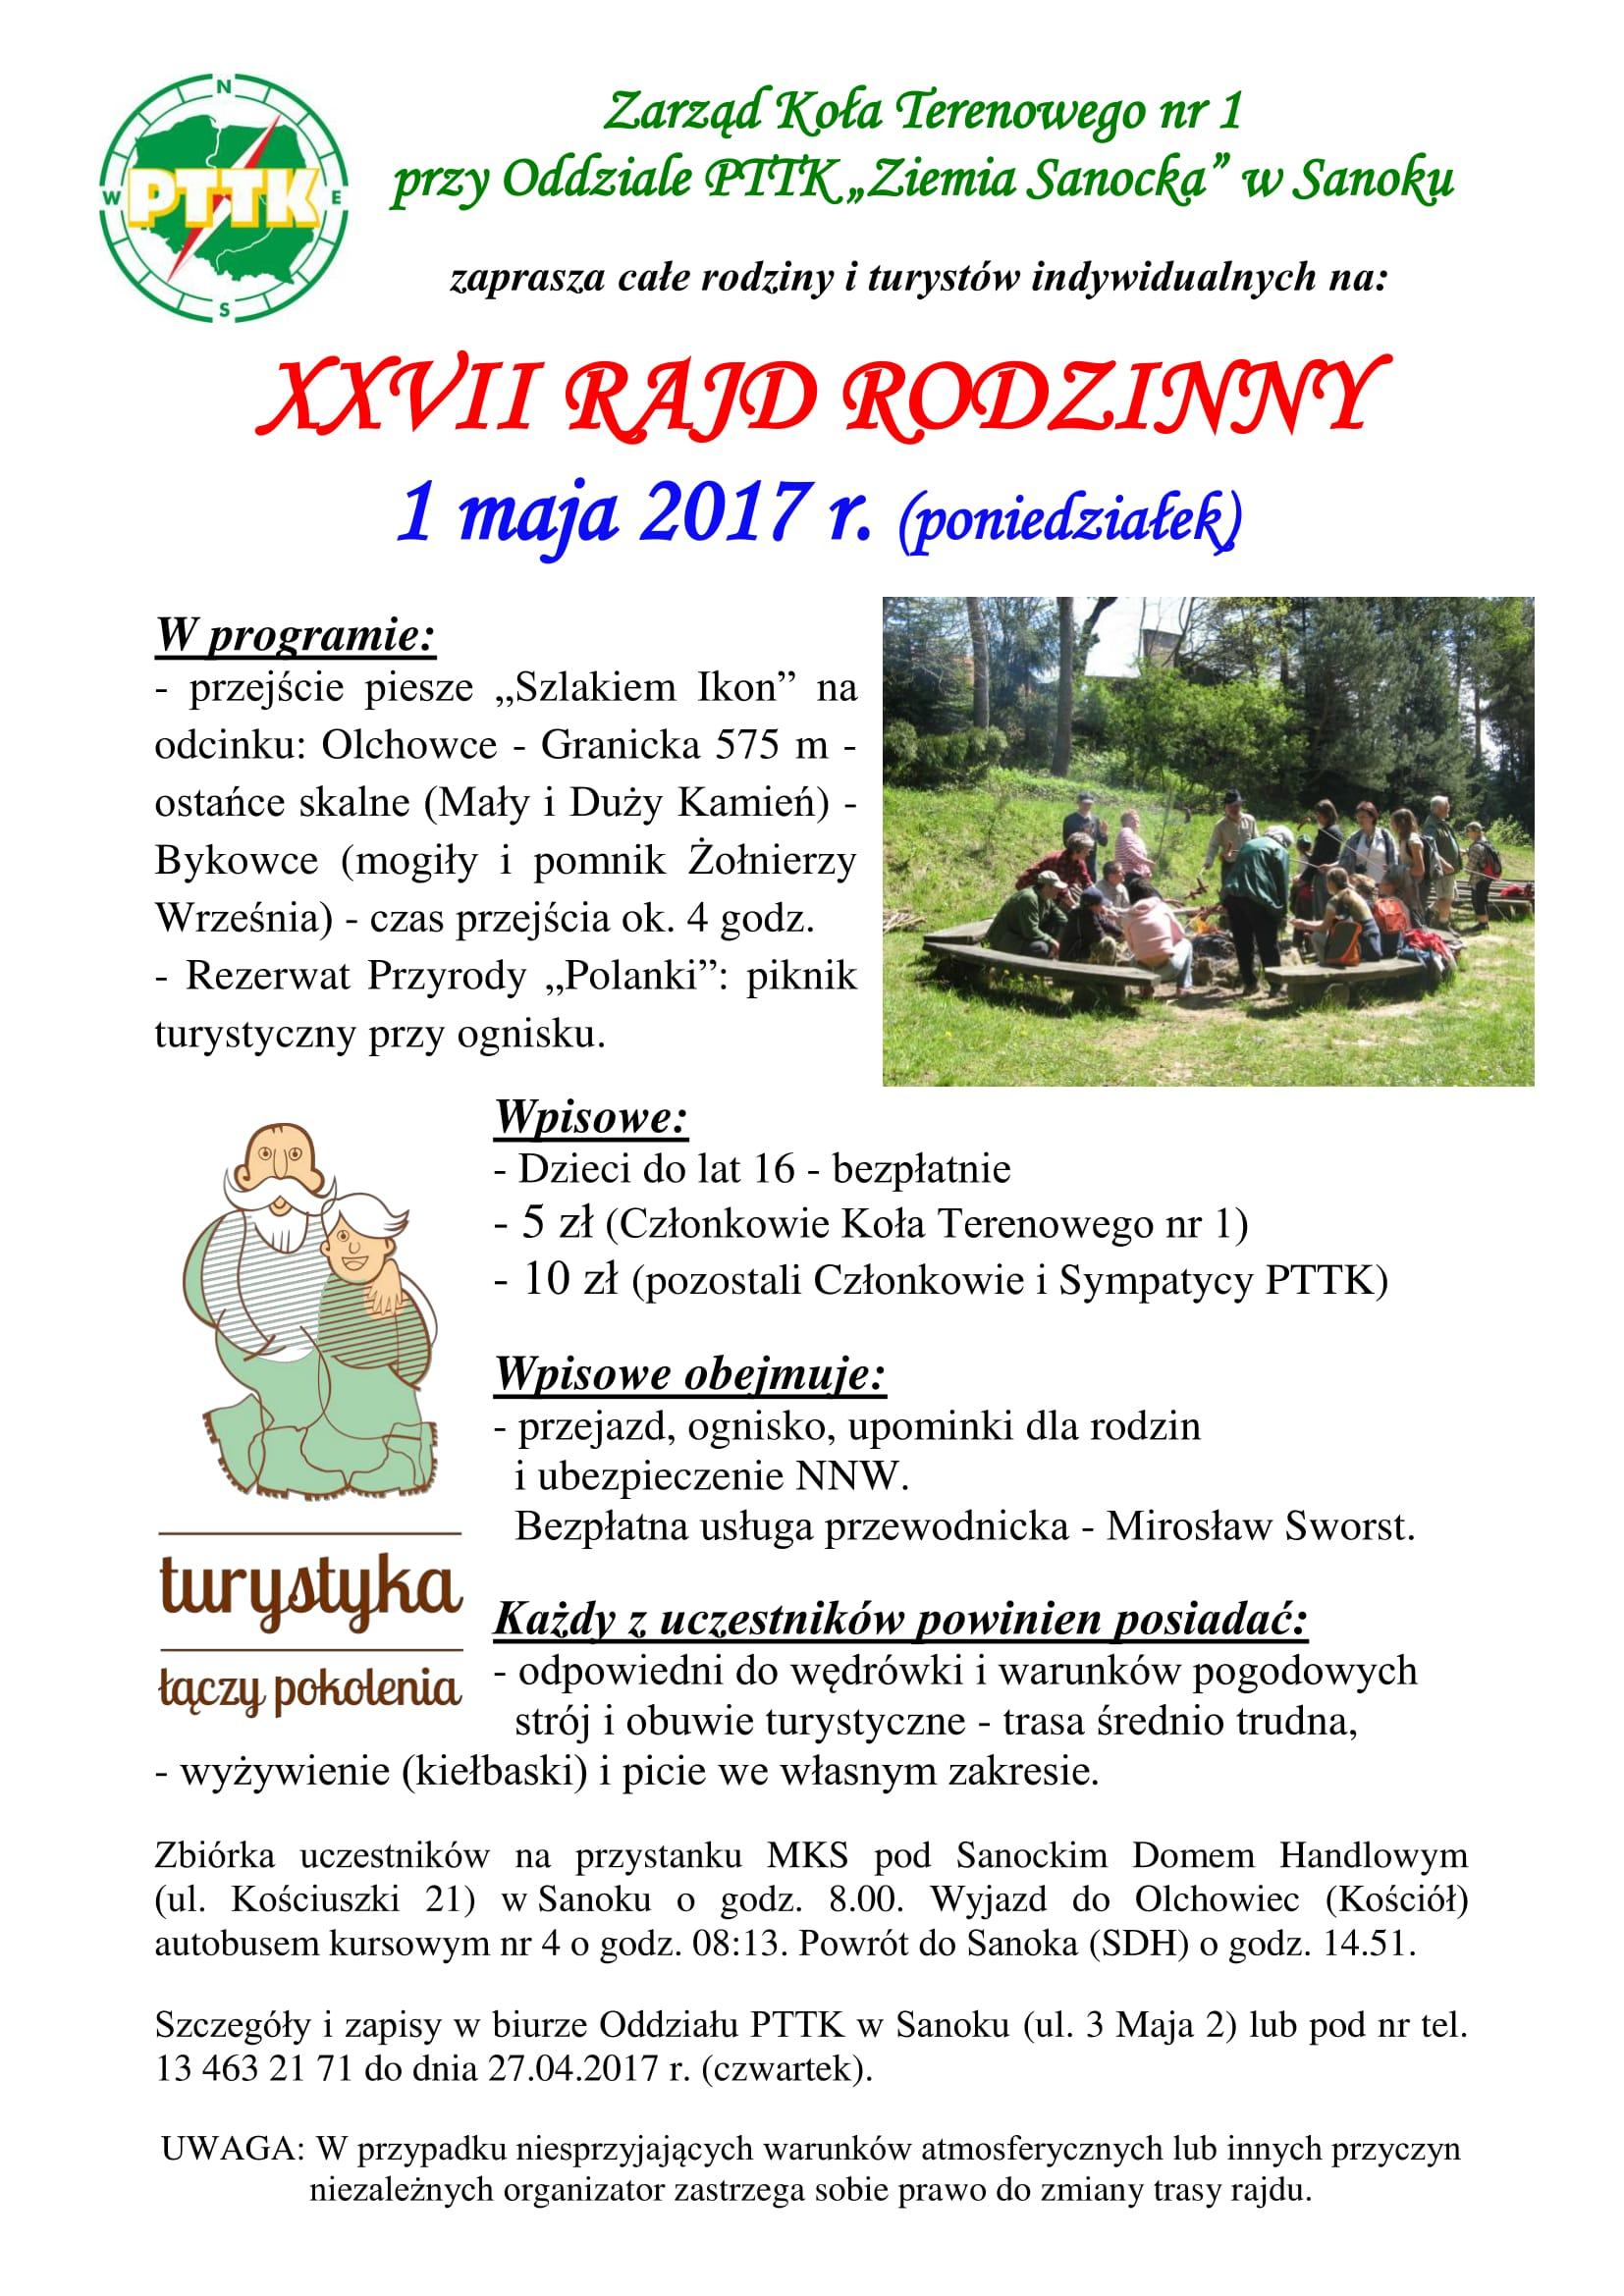 XXVII Rajd Rodzinny 01 05 2017 r  - afisz-1